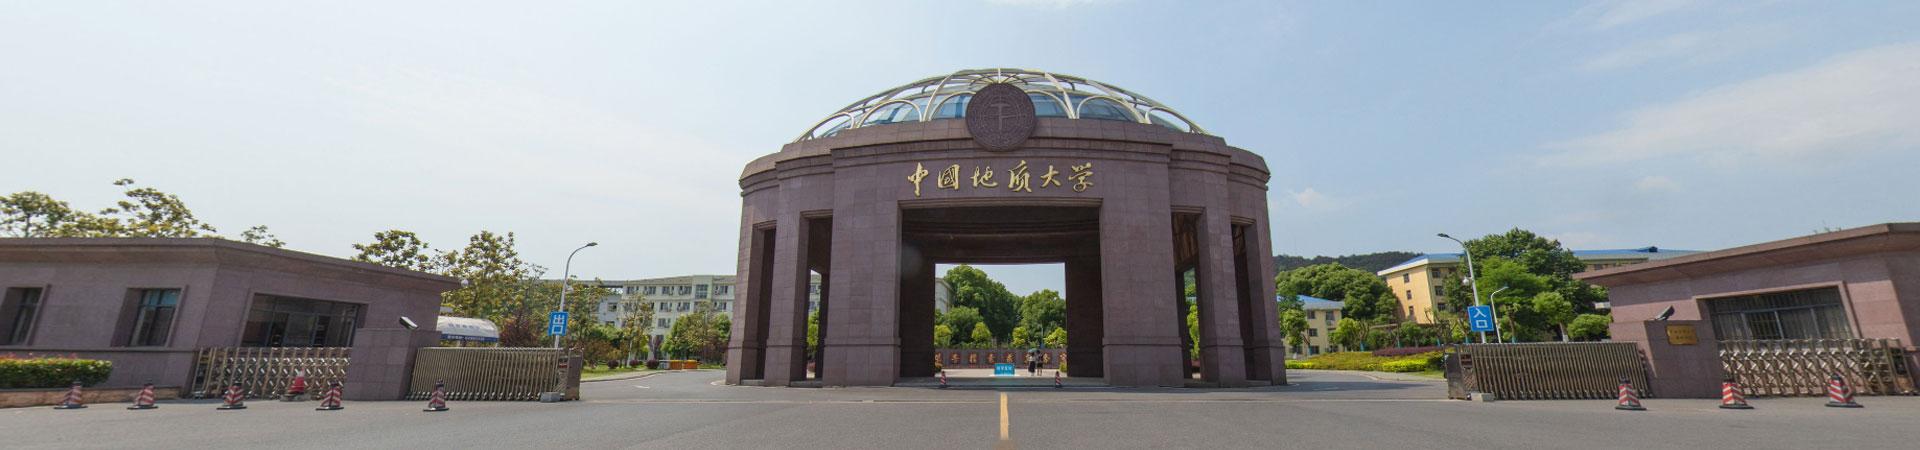 中国地质大学(武汉)干部培训